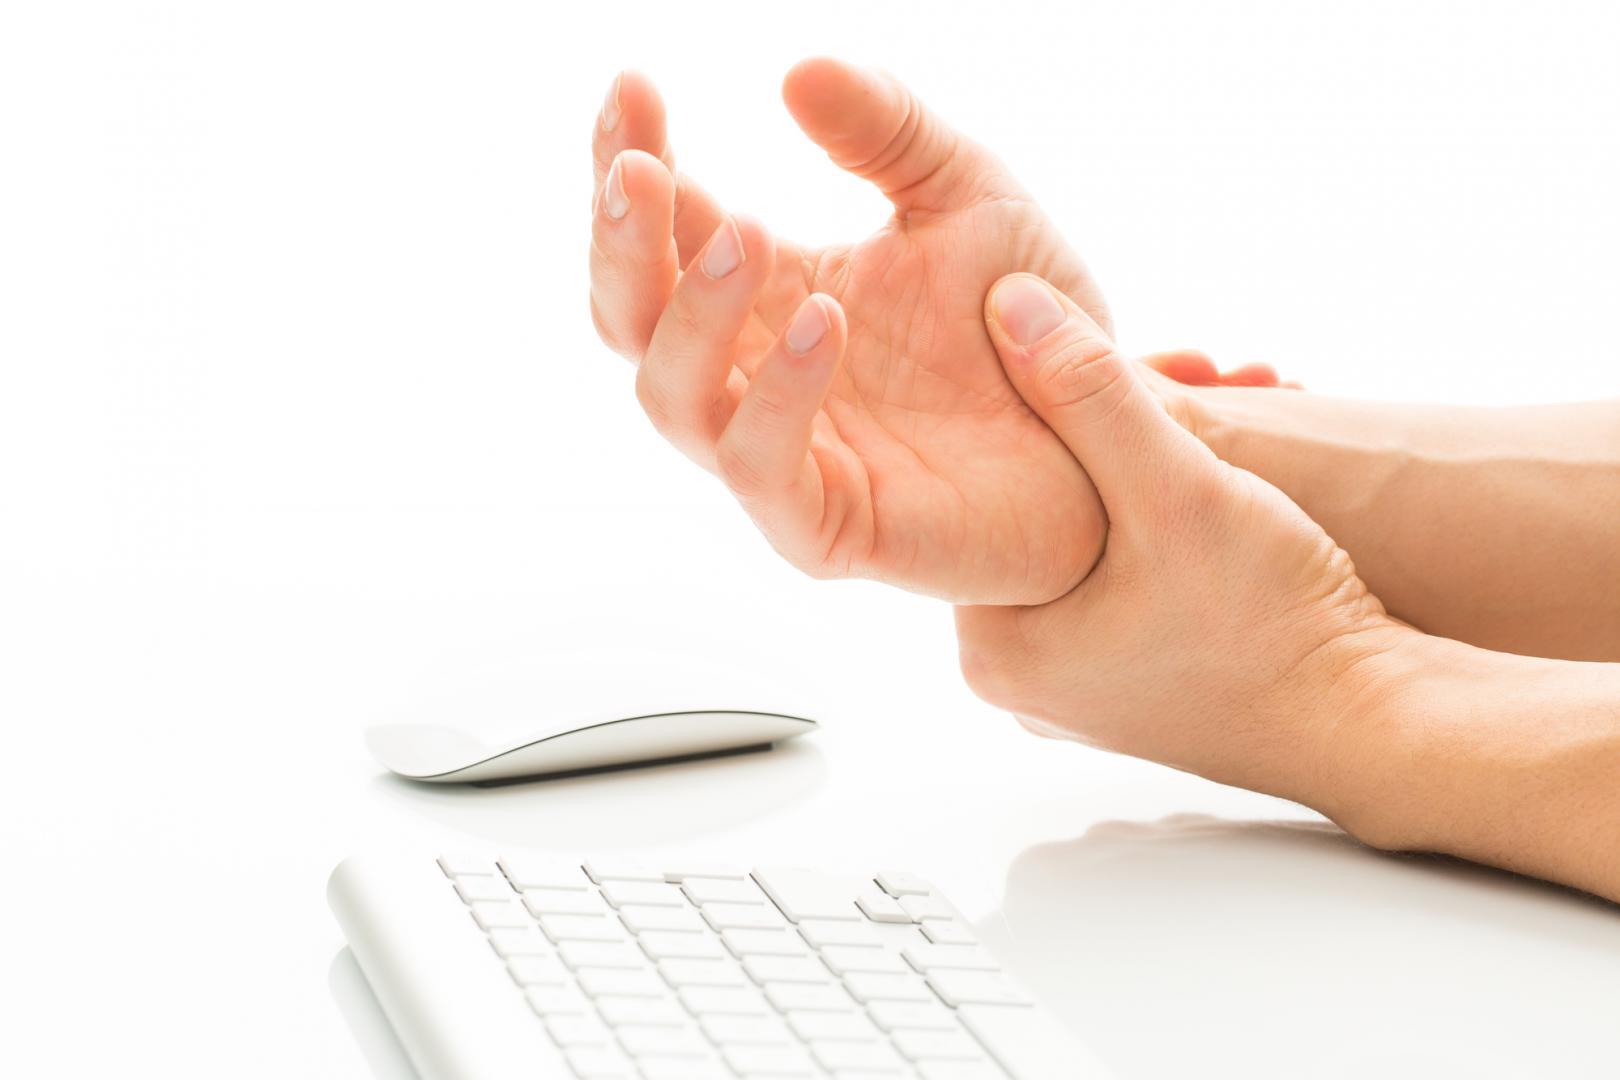 rehabilitacja ręki warszawa